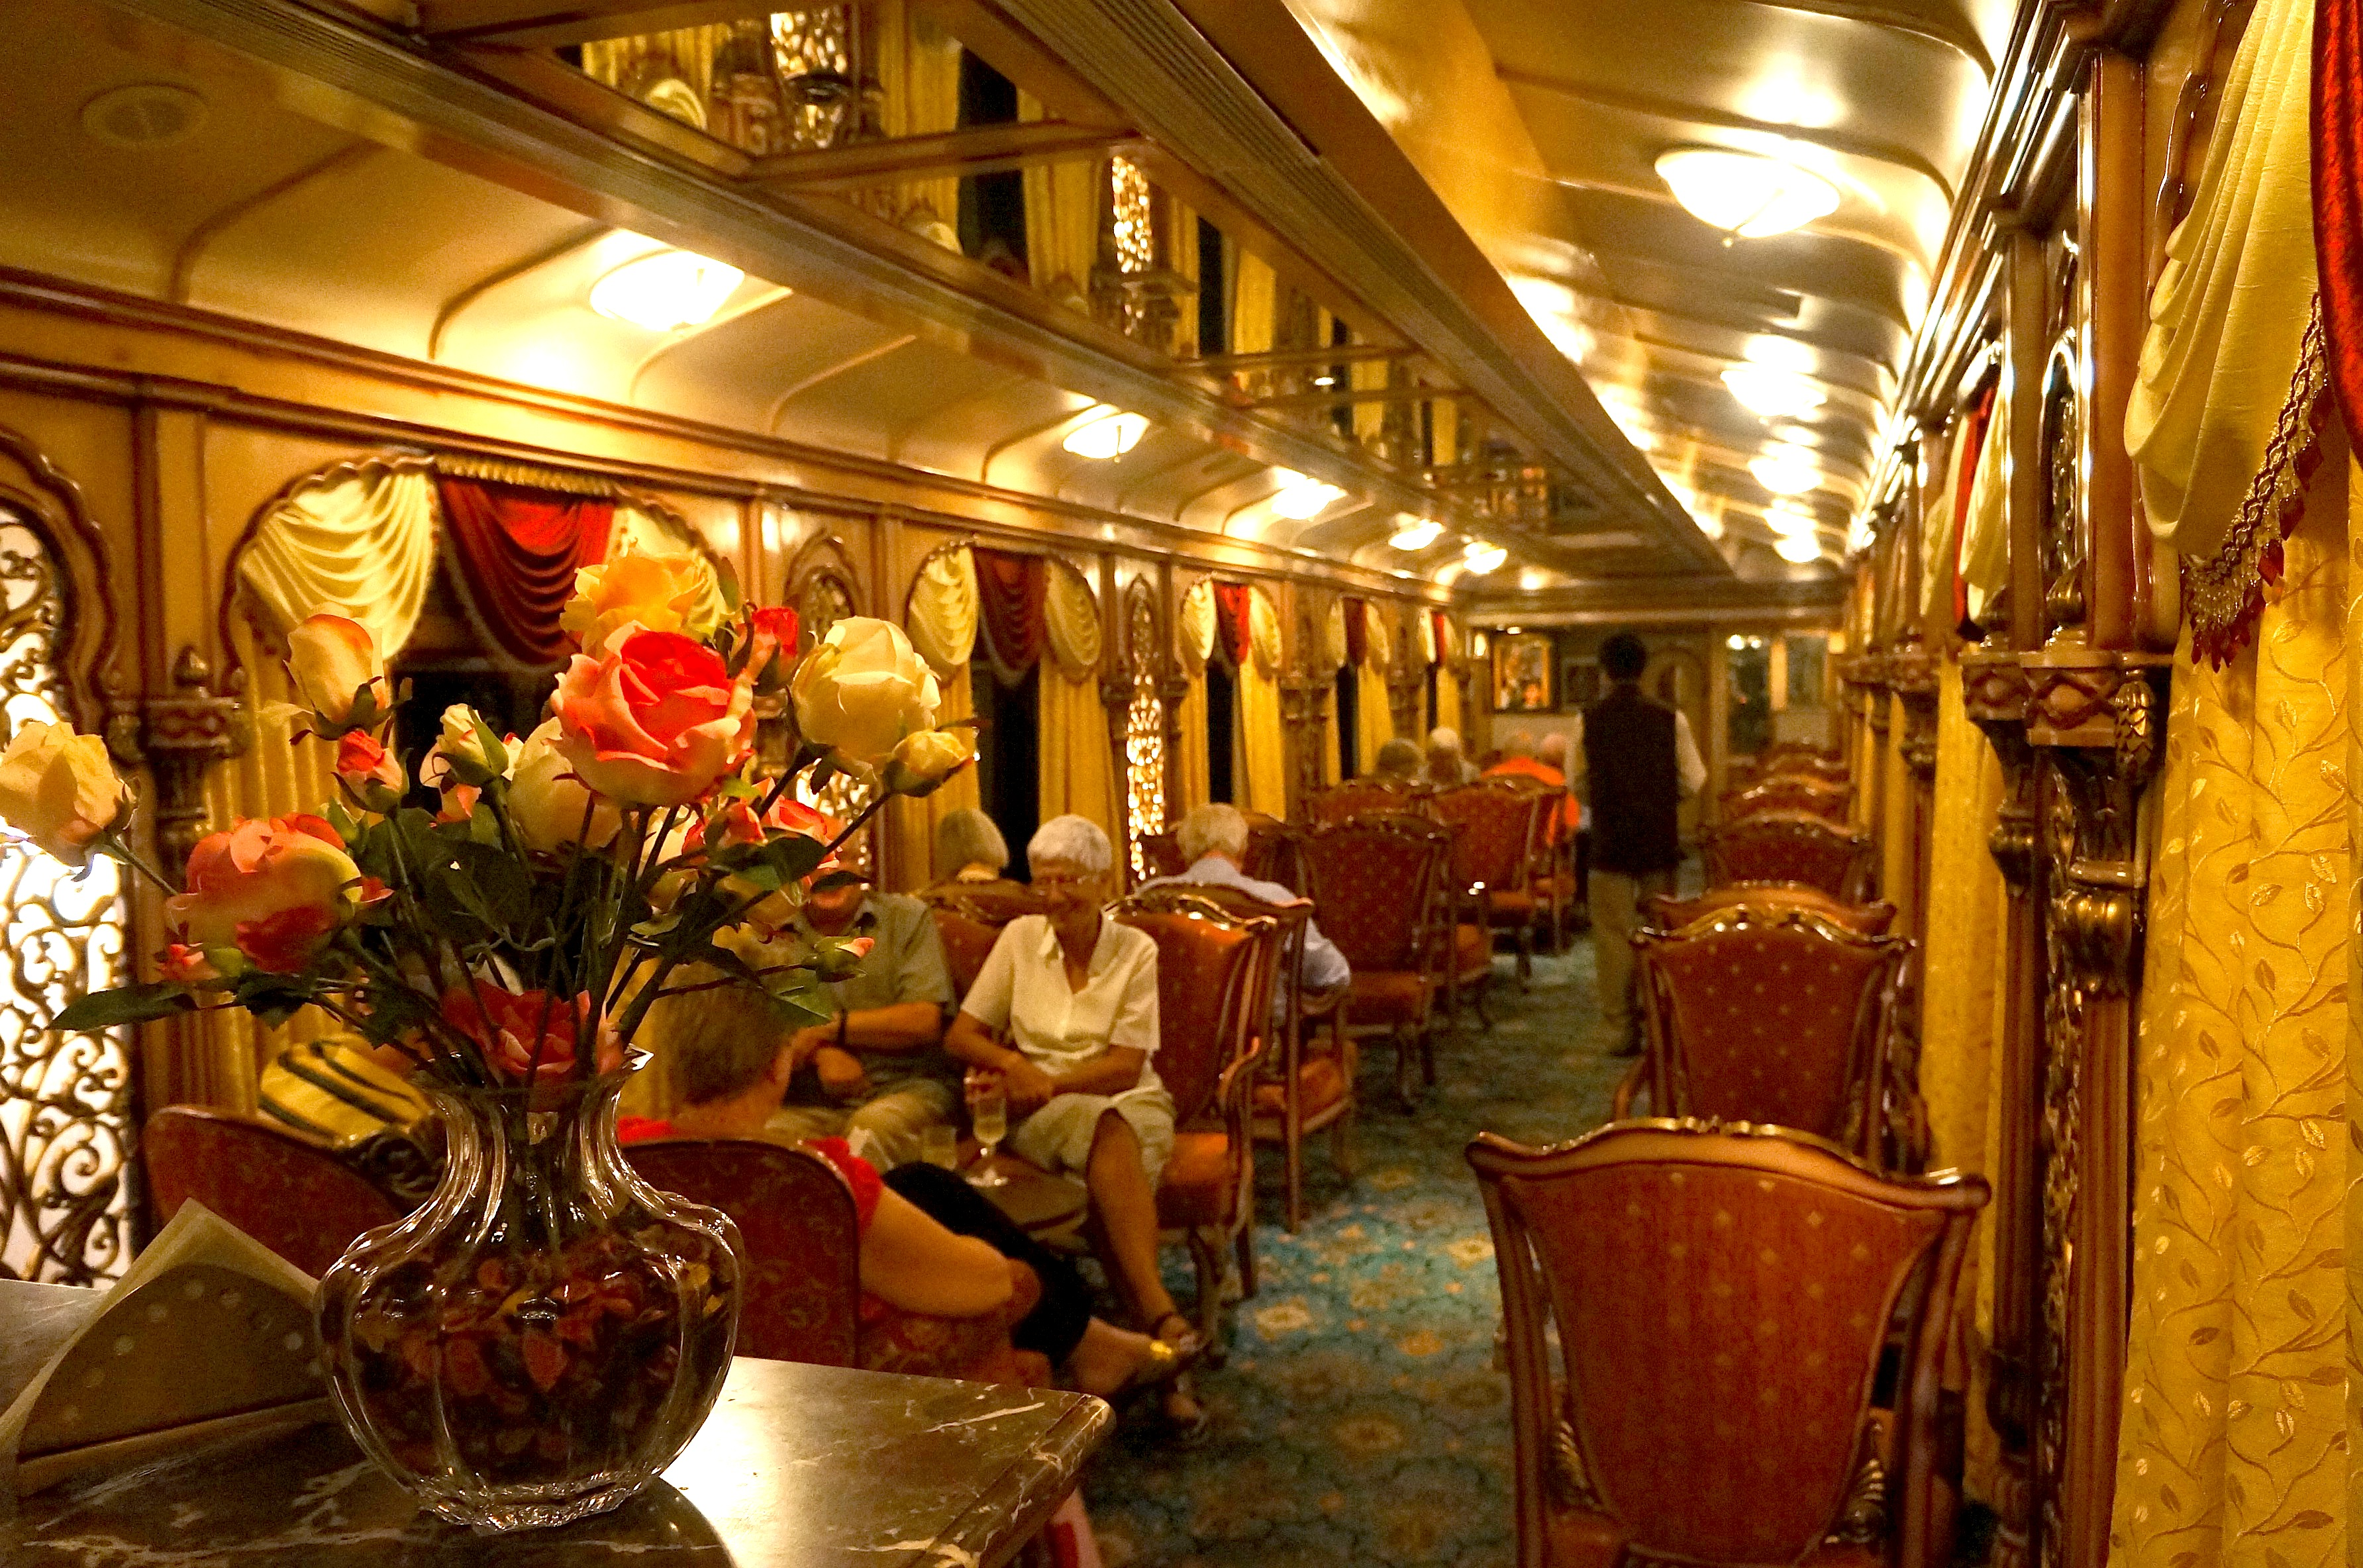 Считается одним из самых красивых пассажирских поездов. Стиль имитирует тот, что был на старом поезд